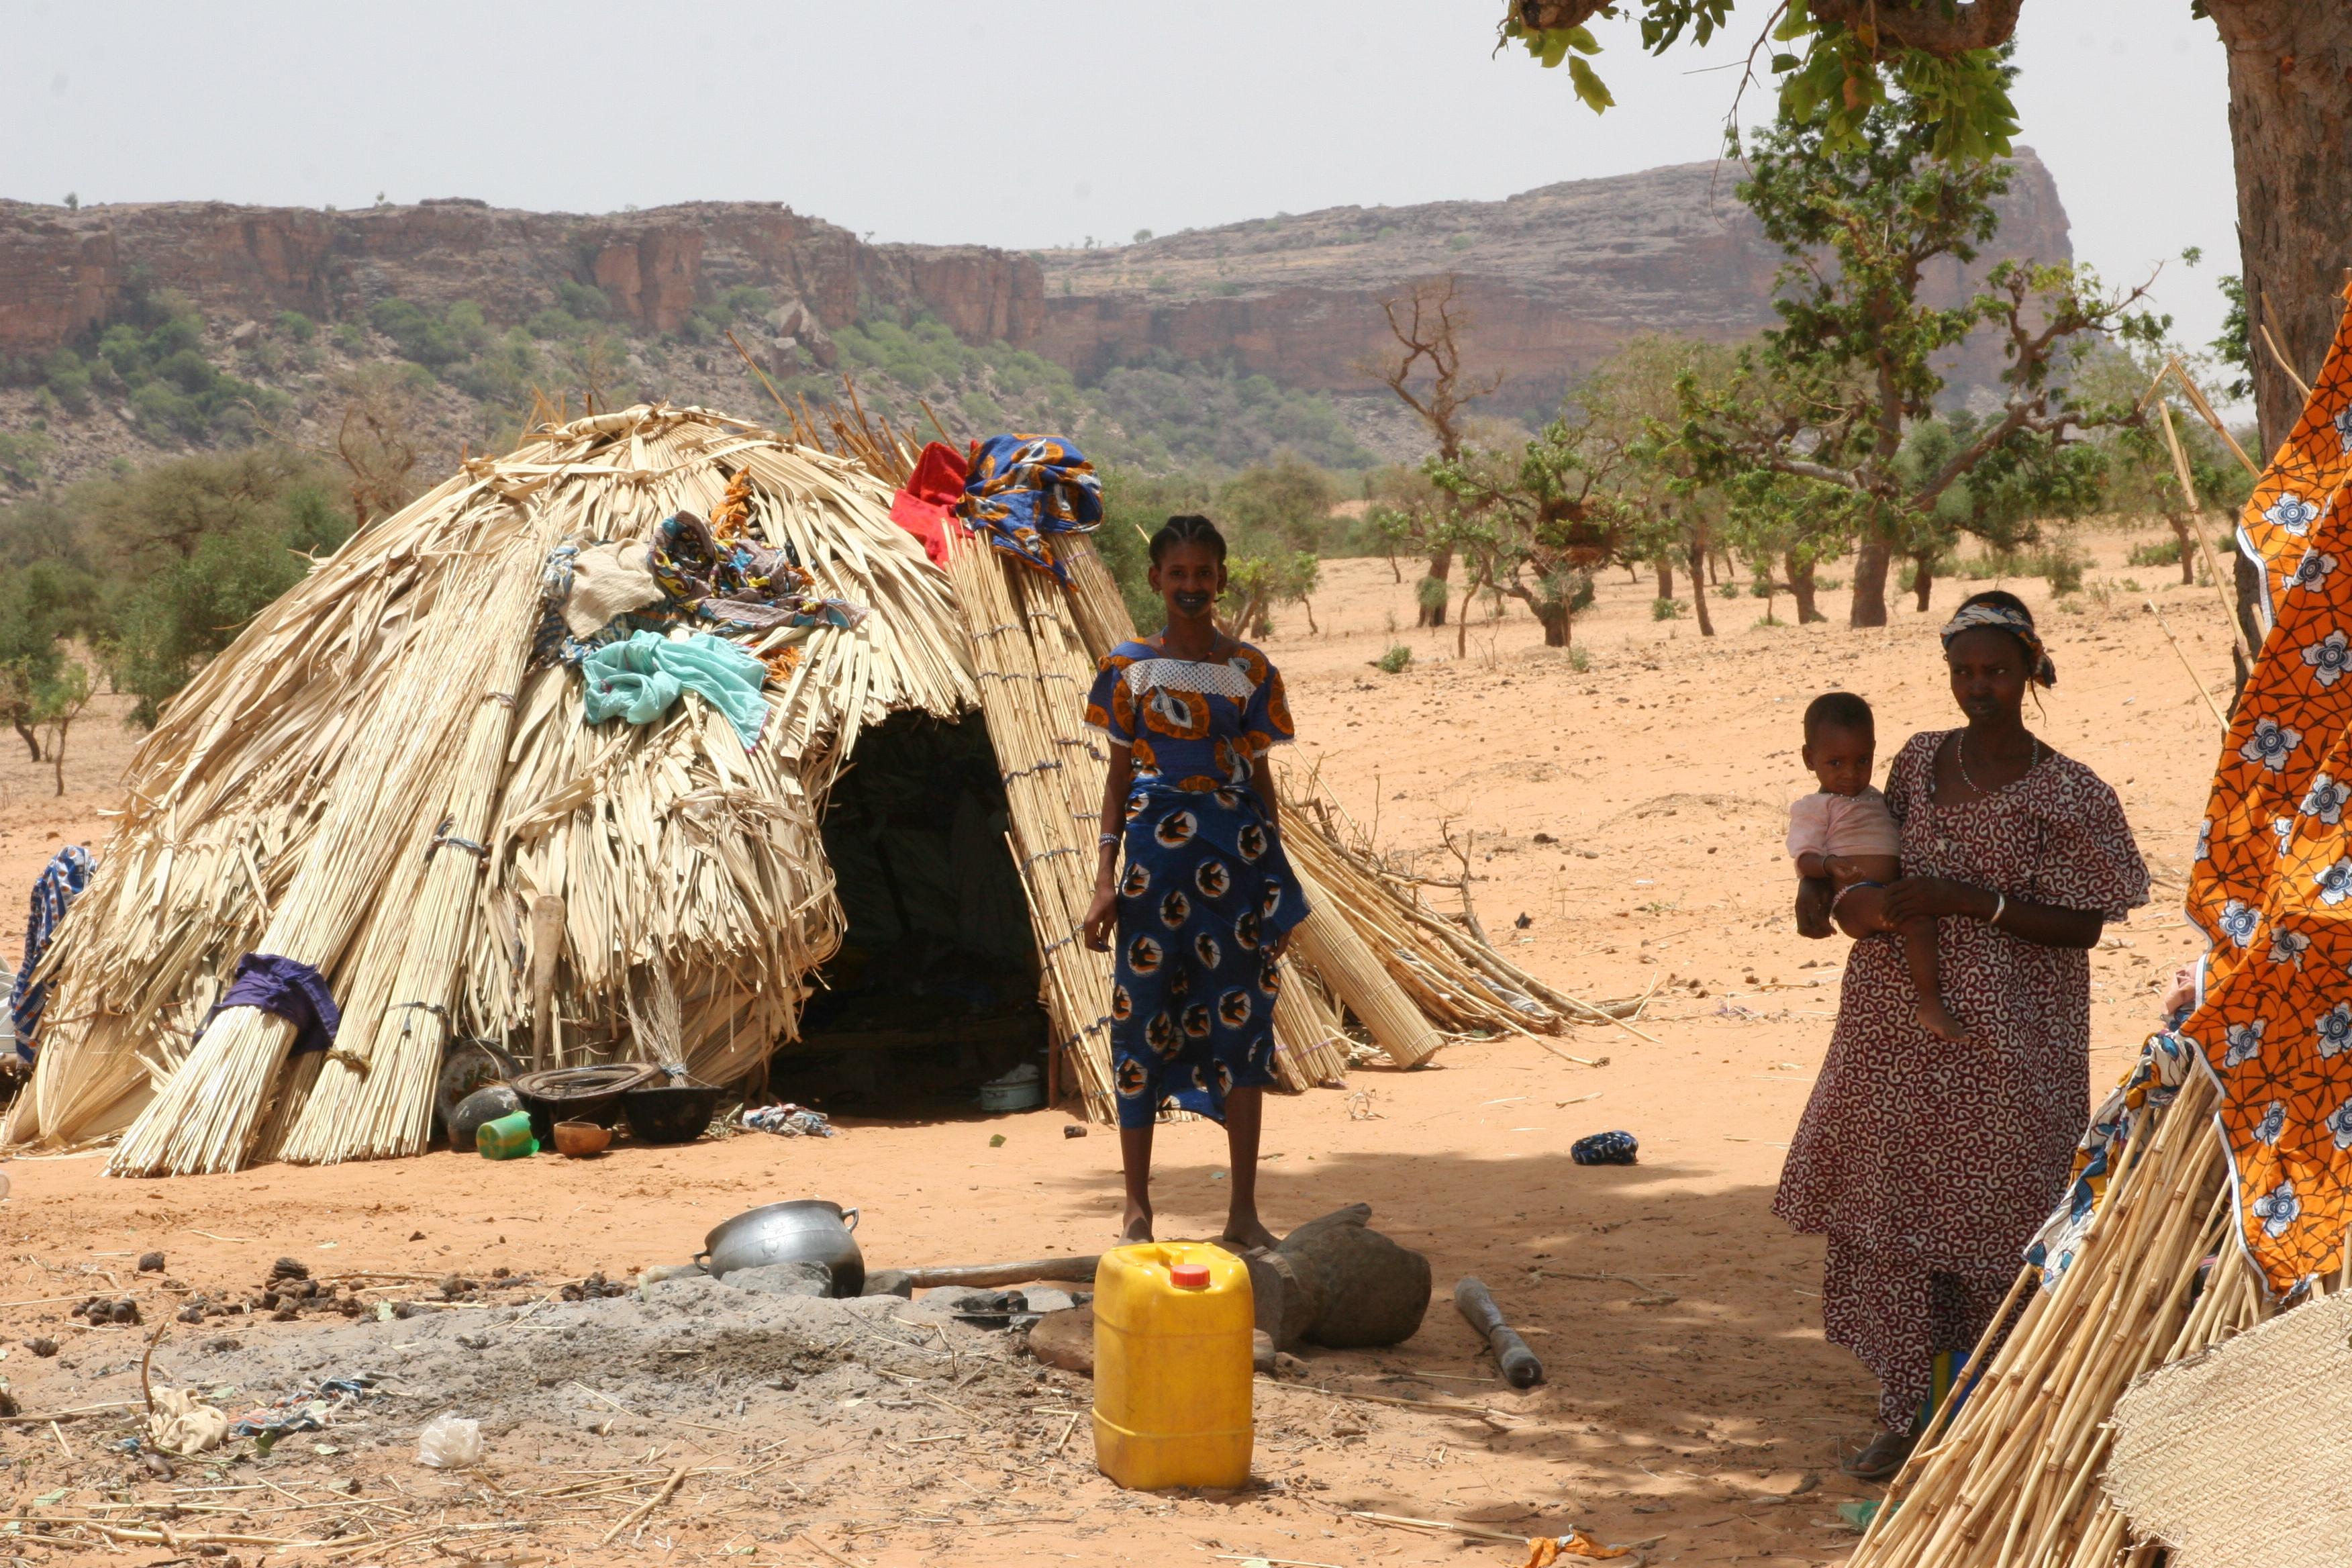 https://upload.wikimedia.org/wikipedia/commons/8/81/Fulani_people,_Mali.jpg